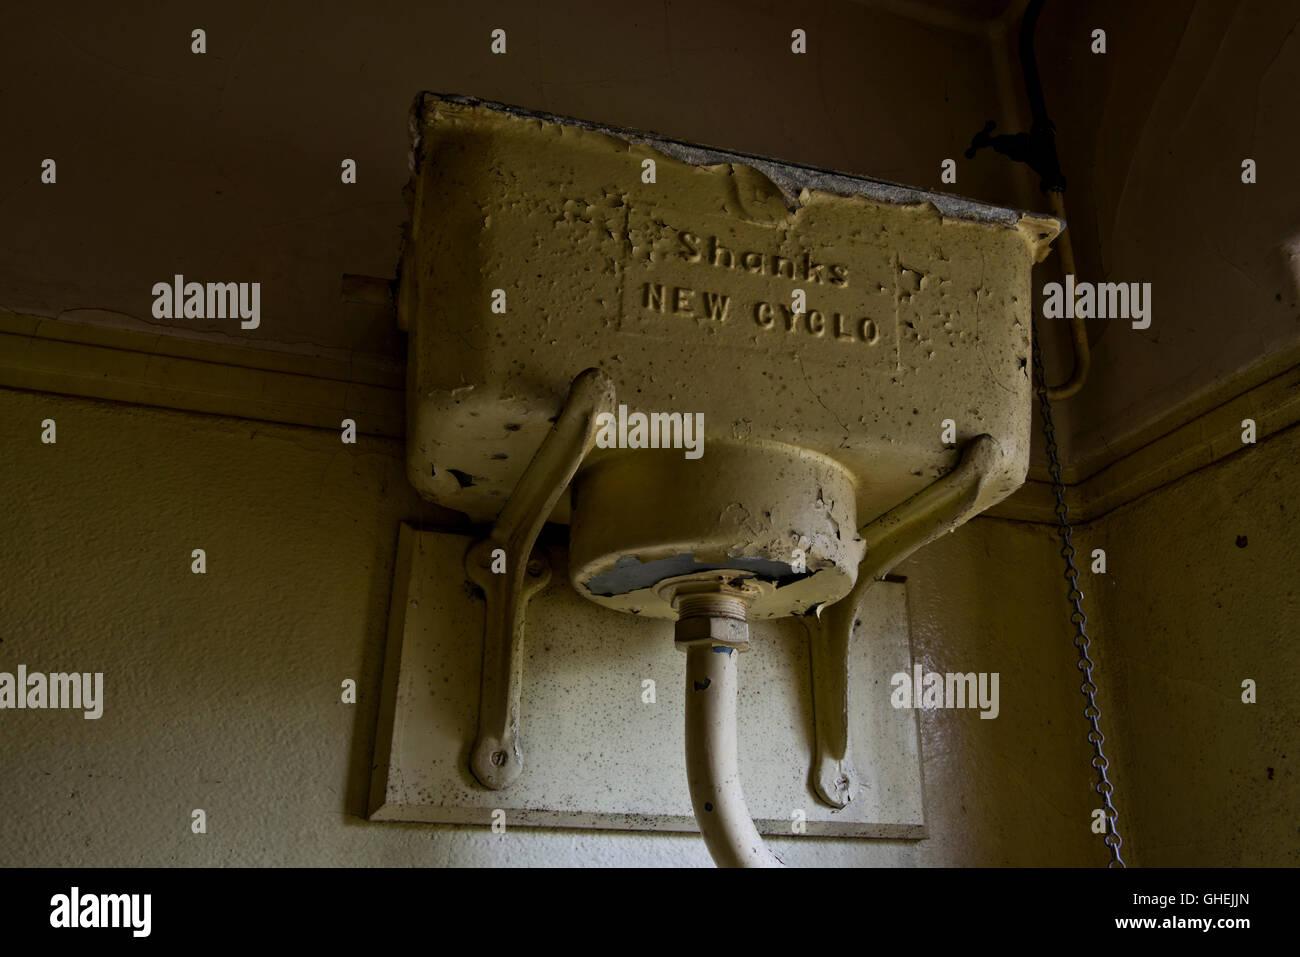 Krankenhaus toilette hospital toilet - 3 4